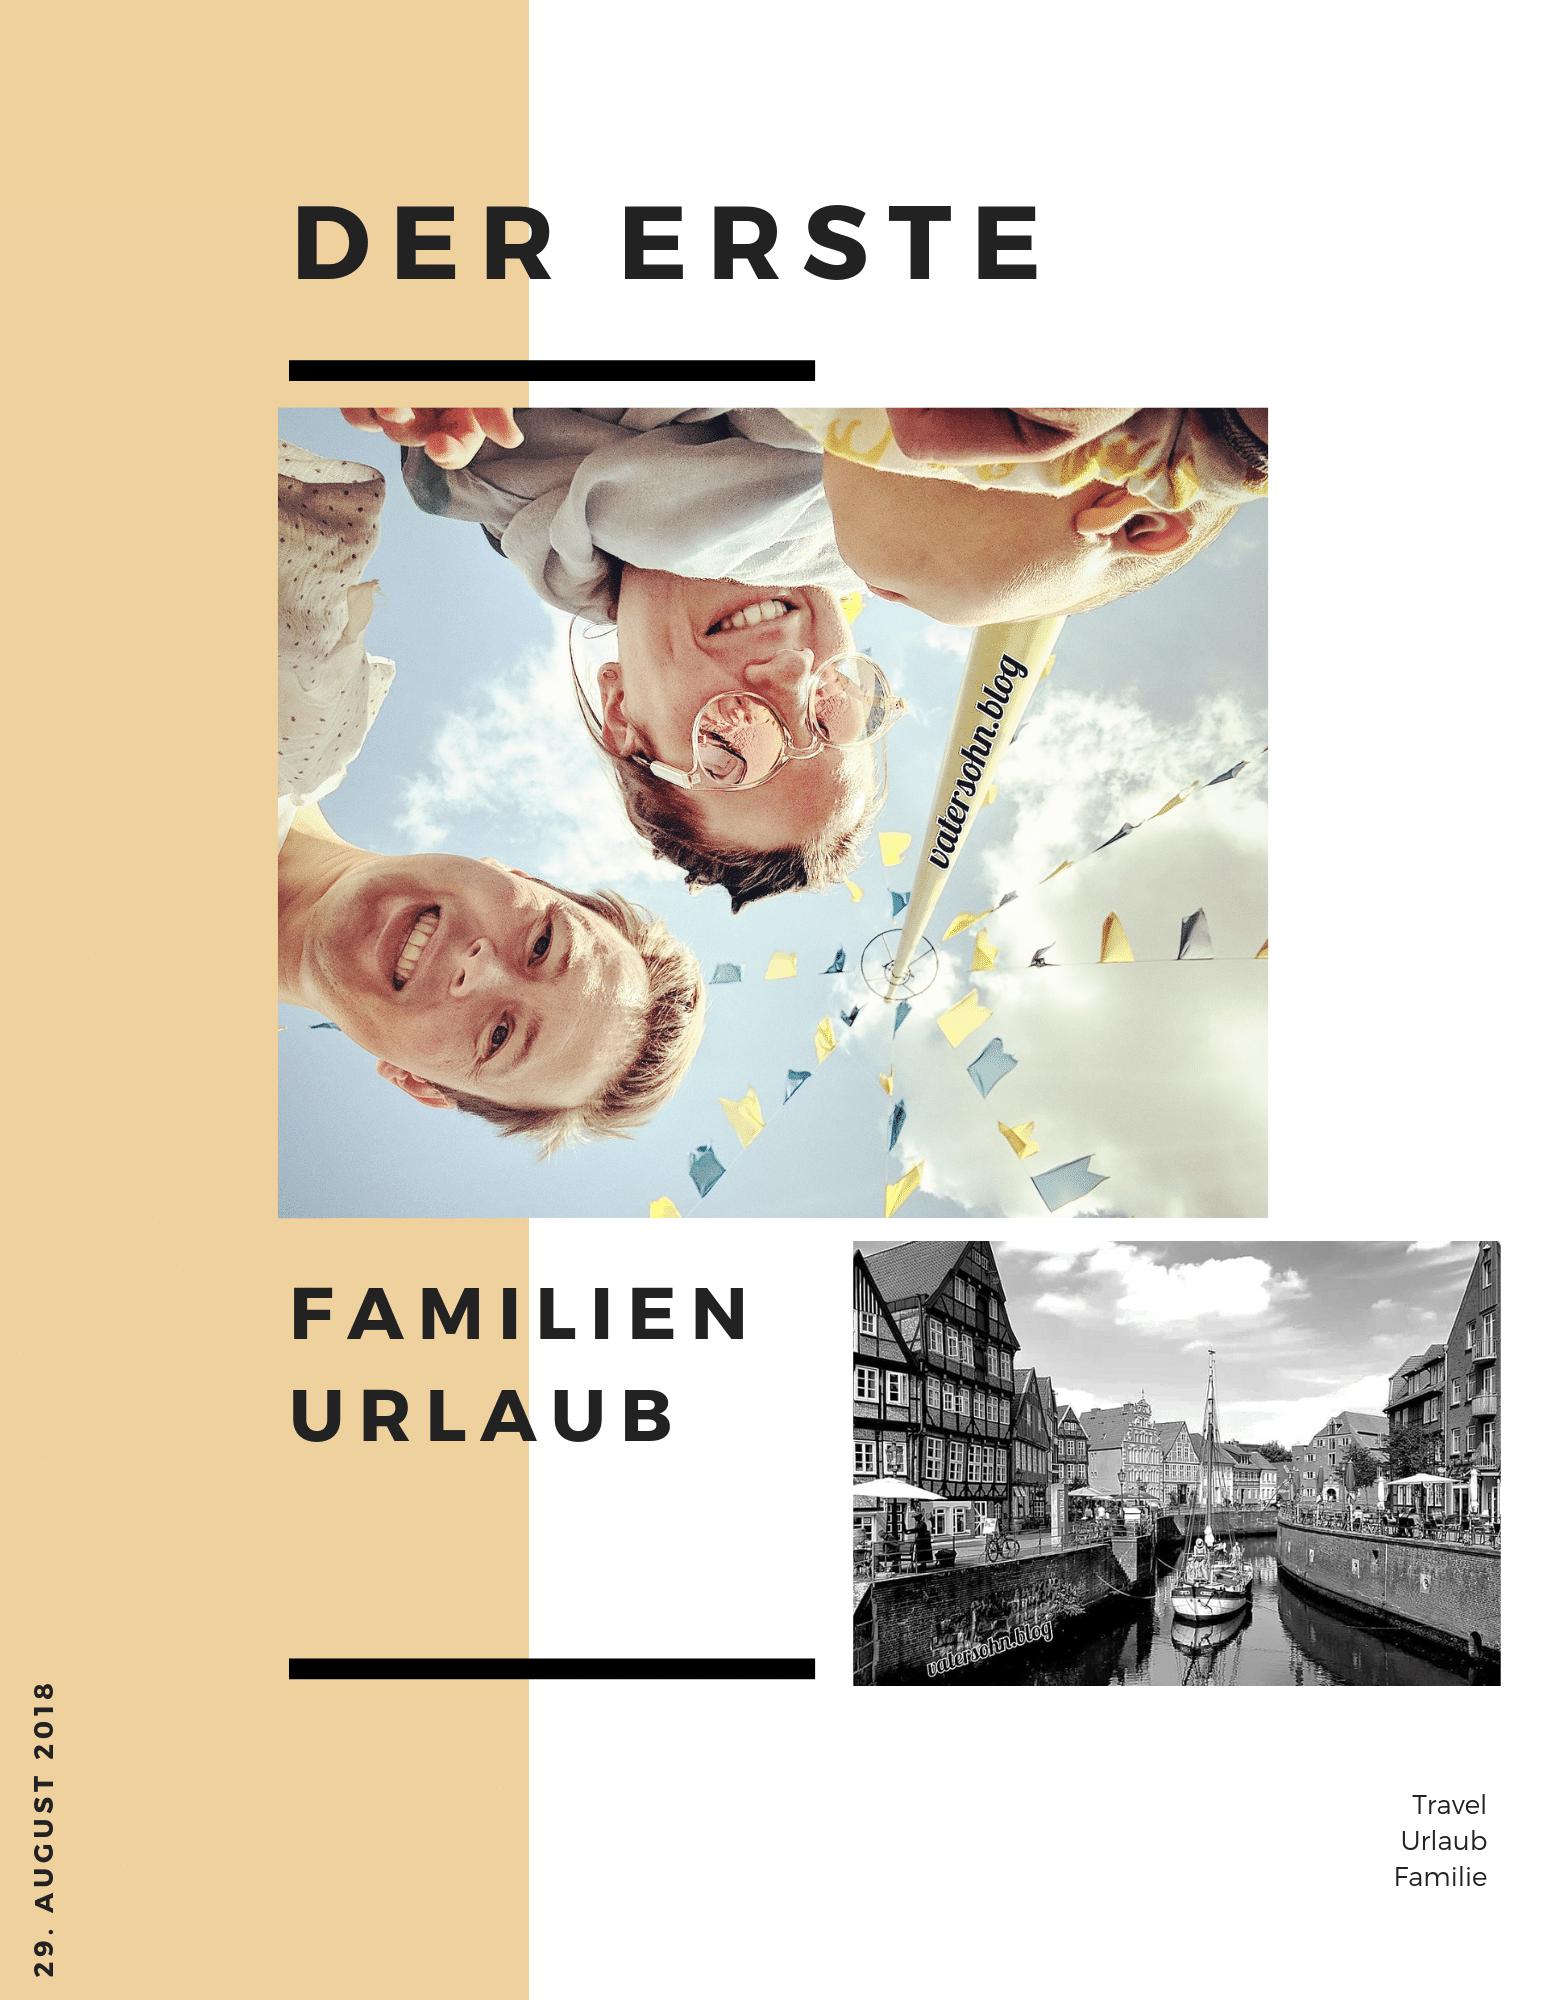 Familienurlaub Header Grafik - Richard, Maren und Hugo